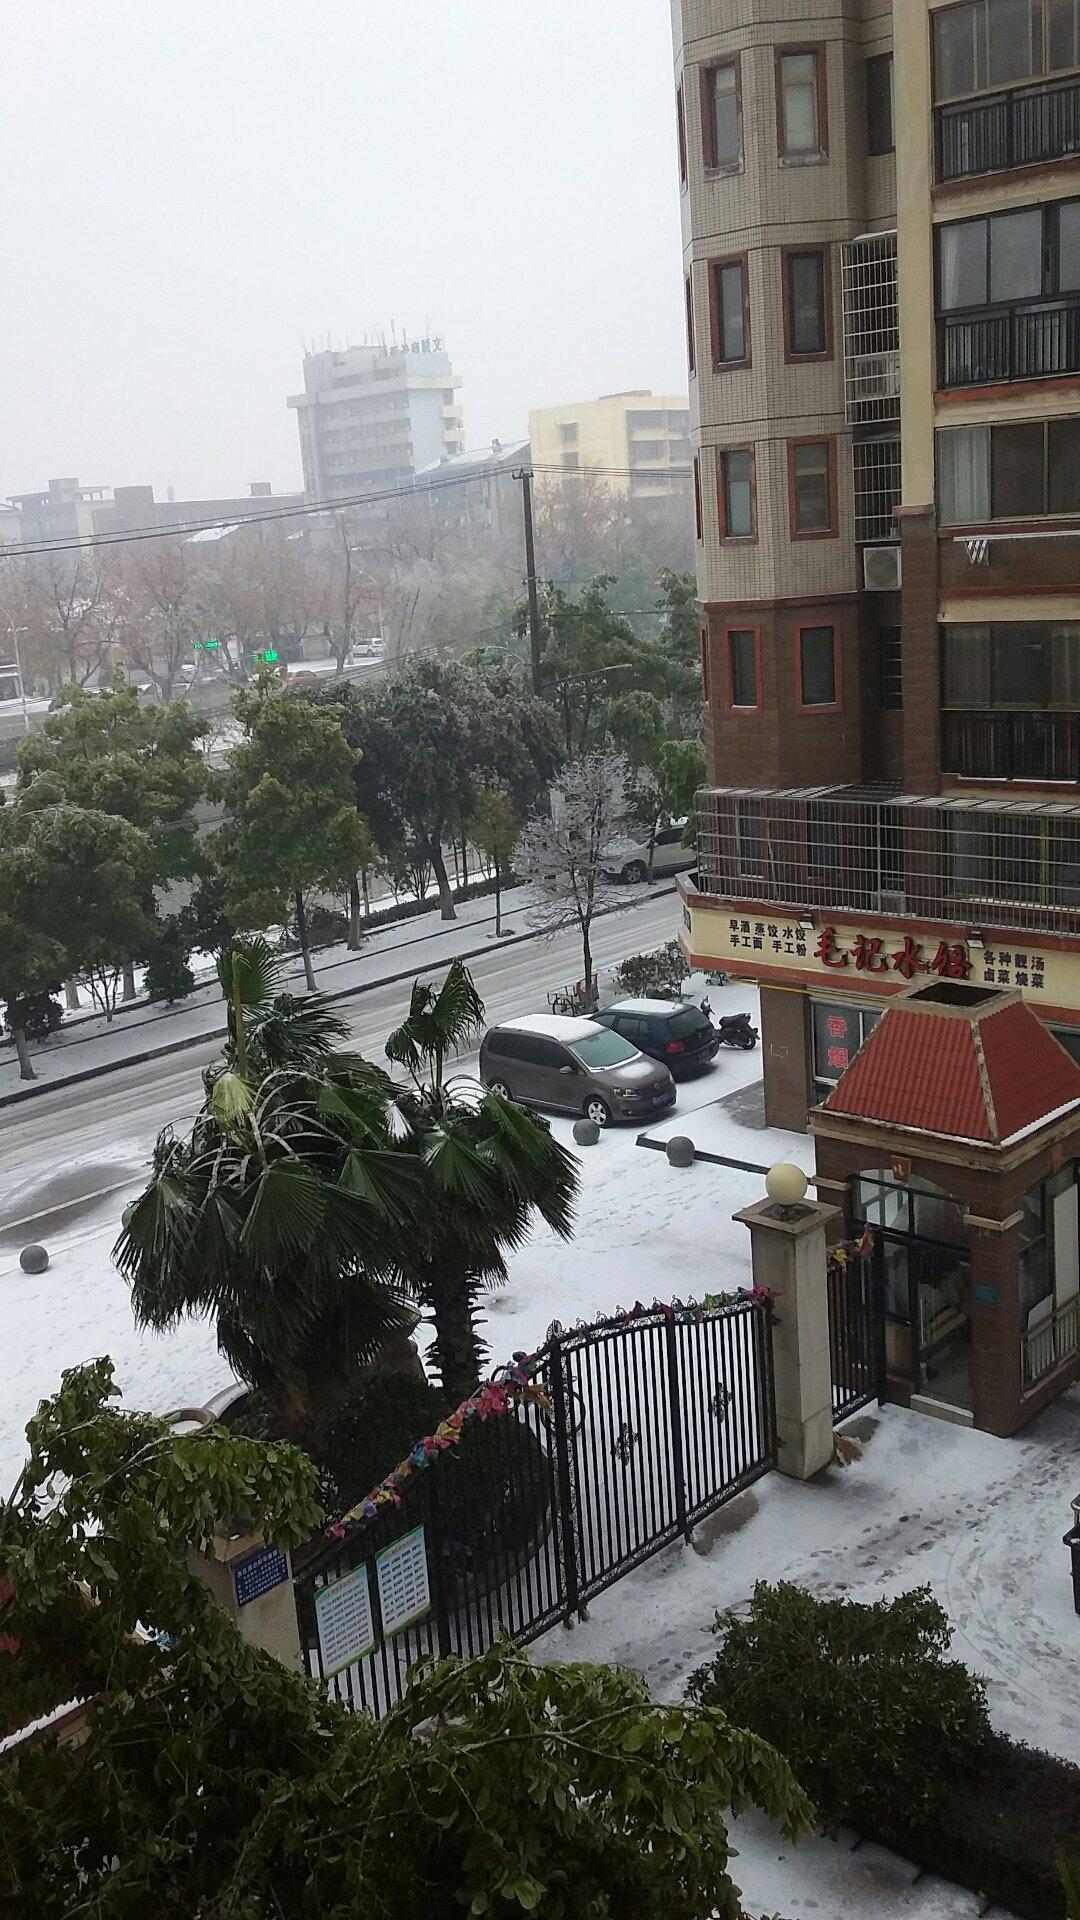 湖北省荆州市沙市区解放街道大庆路4医荆州市第一人民医院(西院)天气